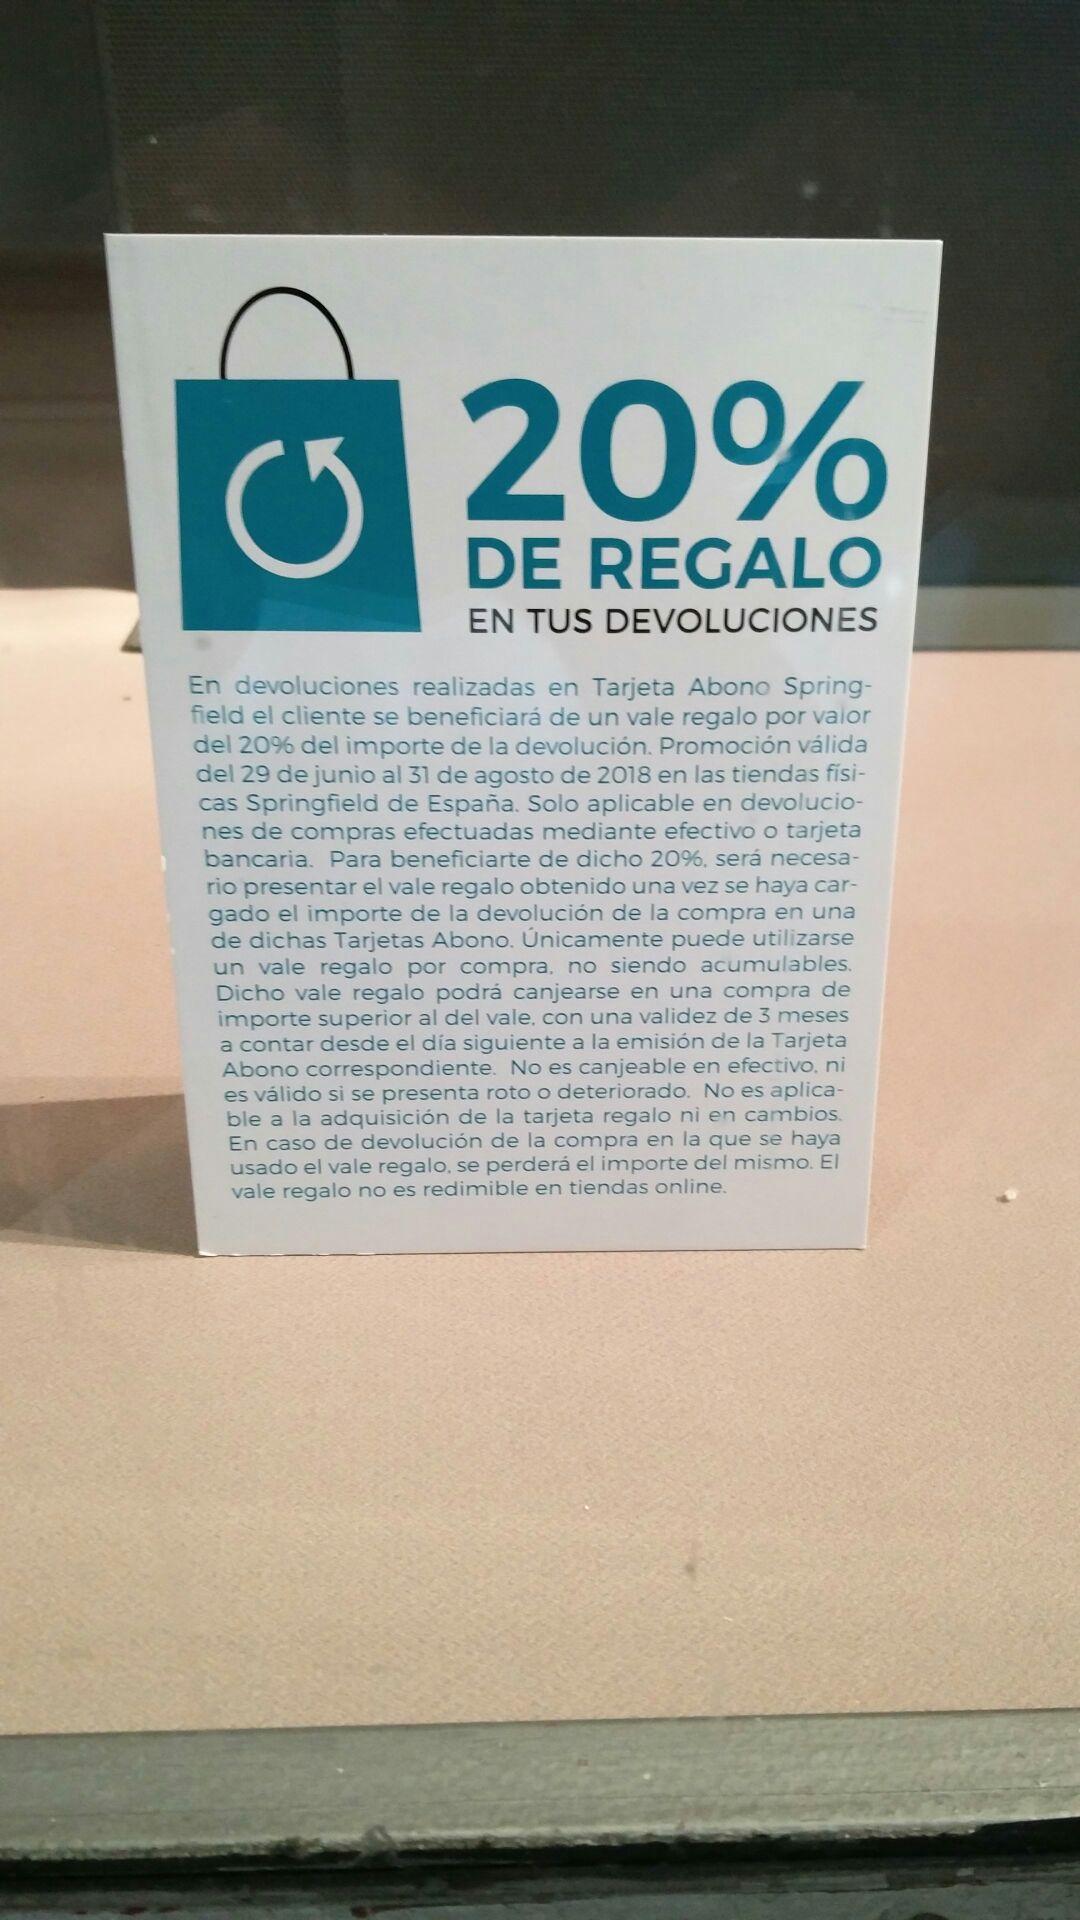 20% EXTRA EN DEVOLUCIONES